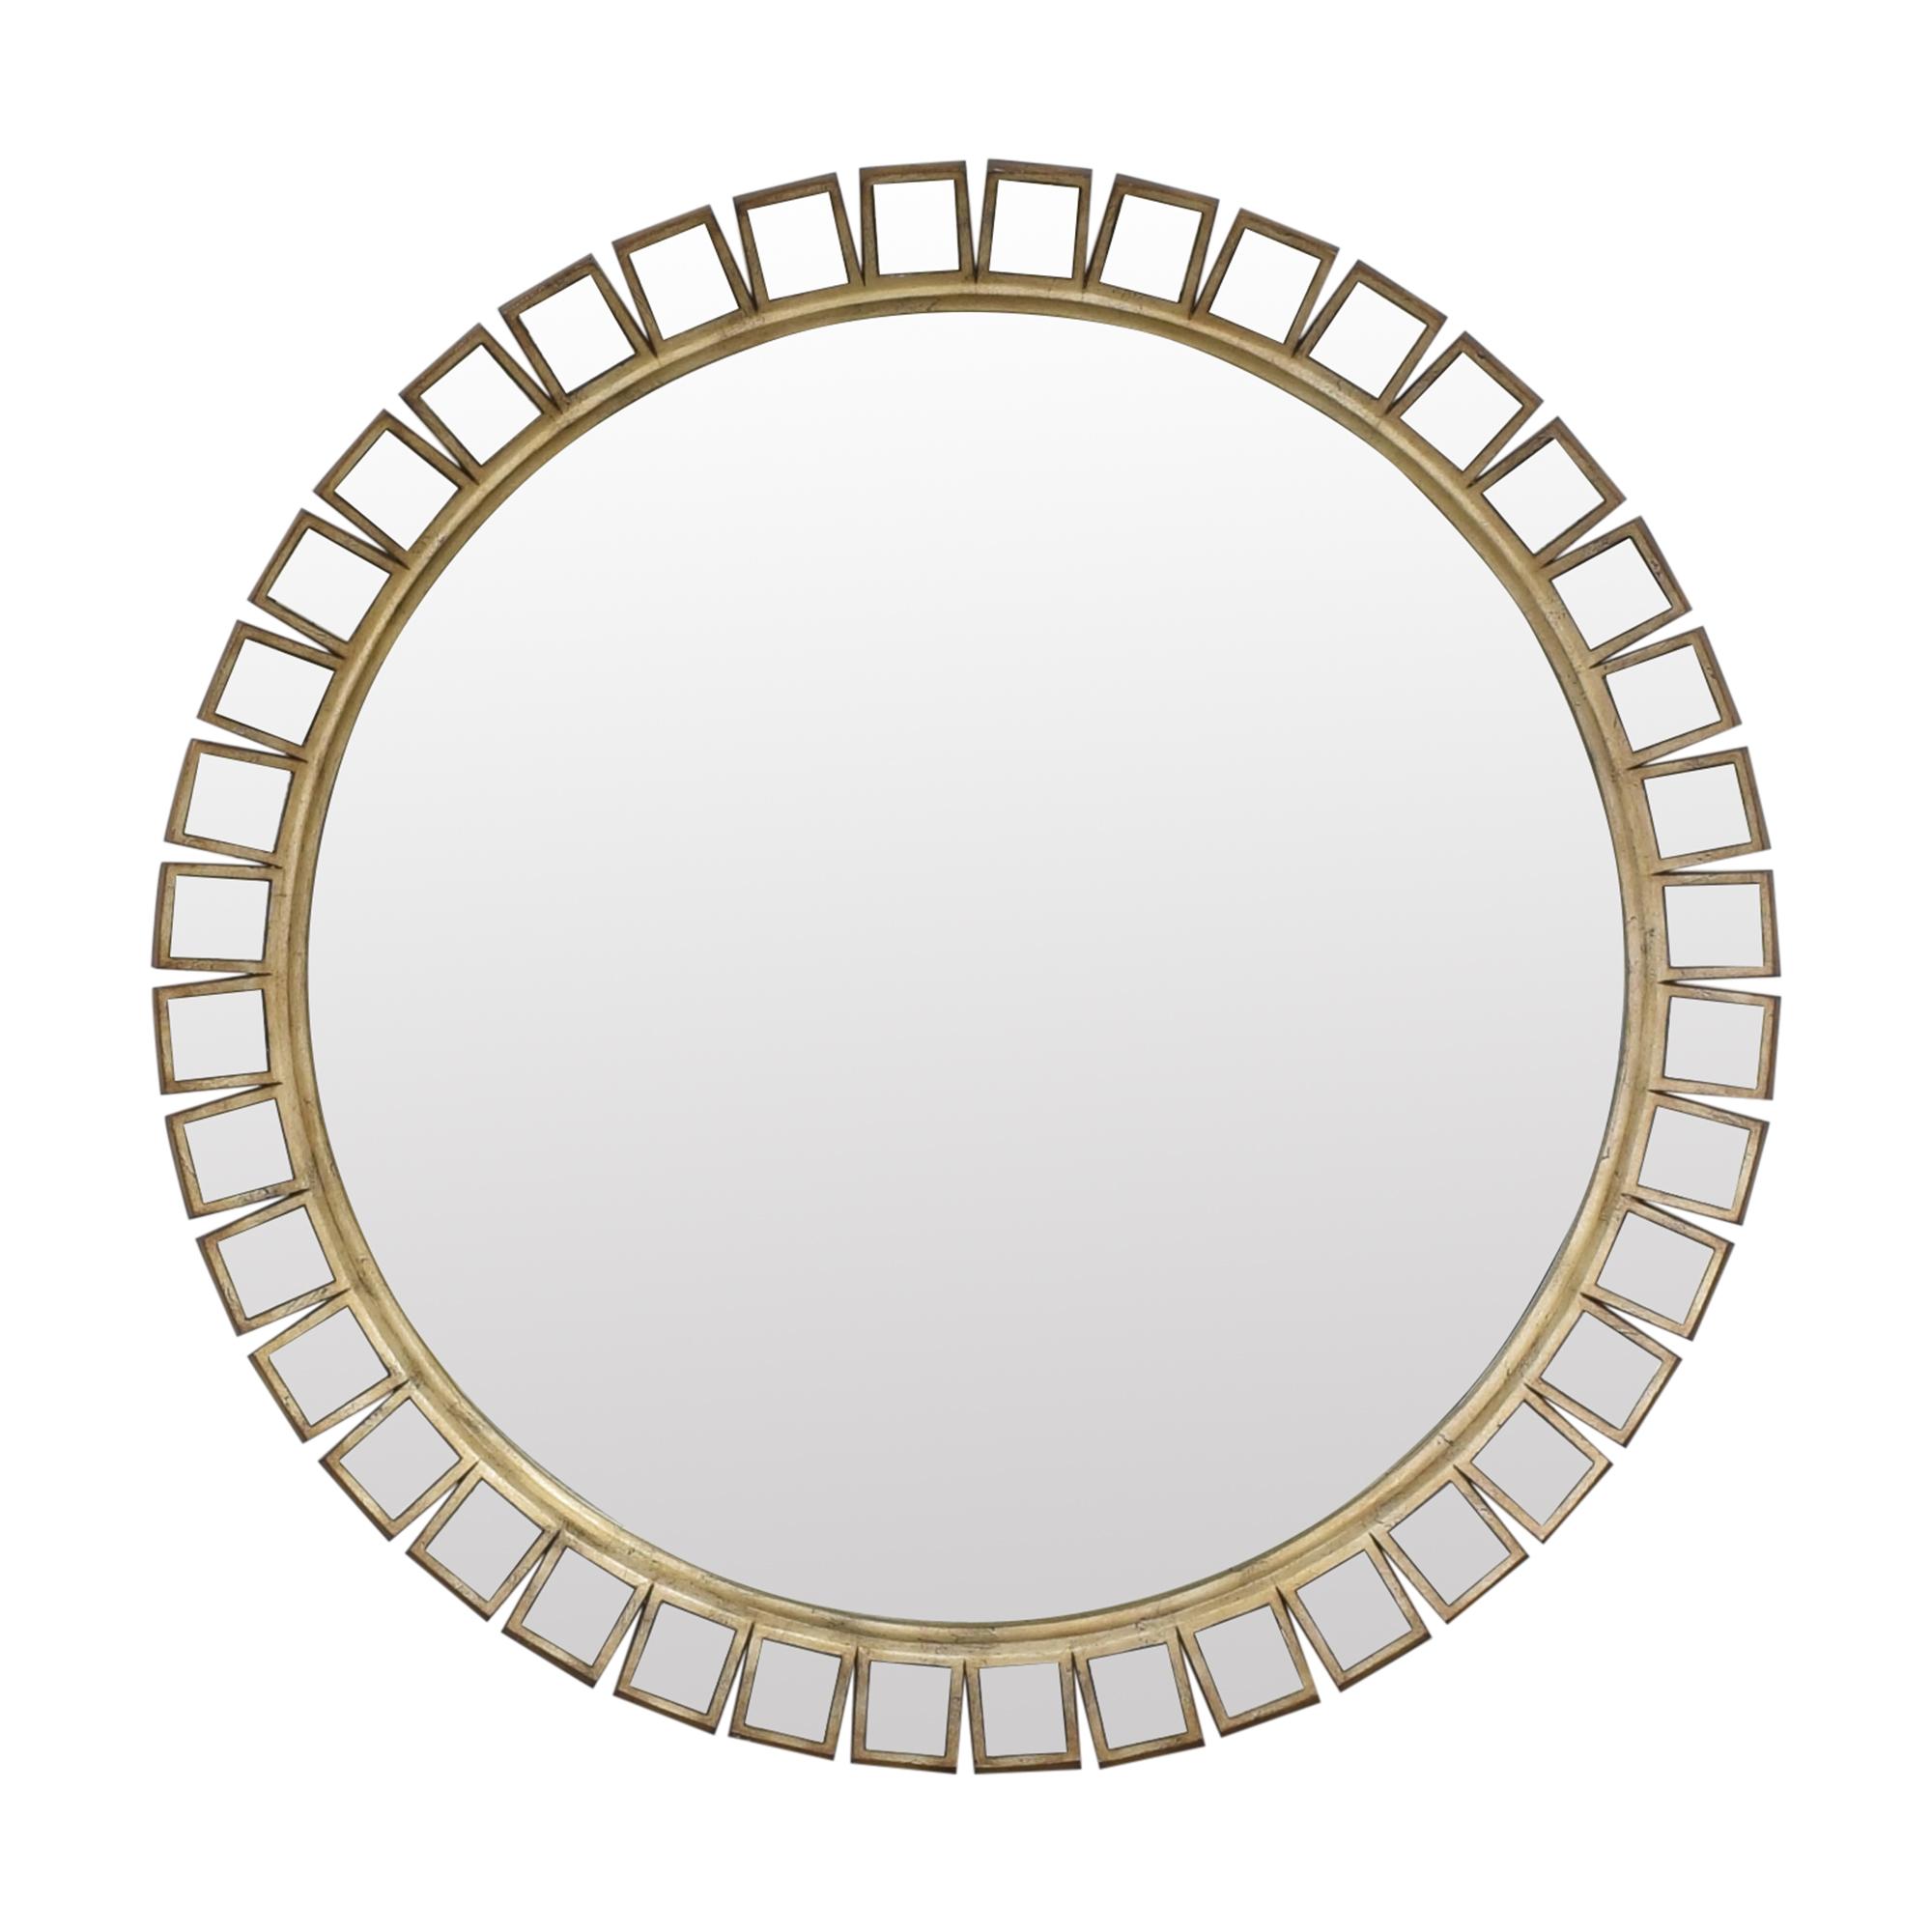 Safavieh Safavieh Soleil Wall Mirror ma